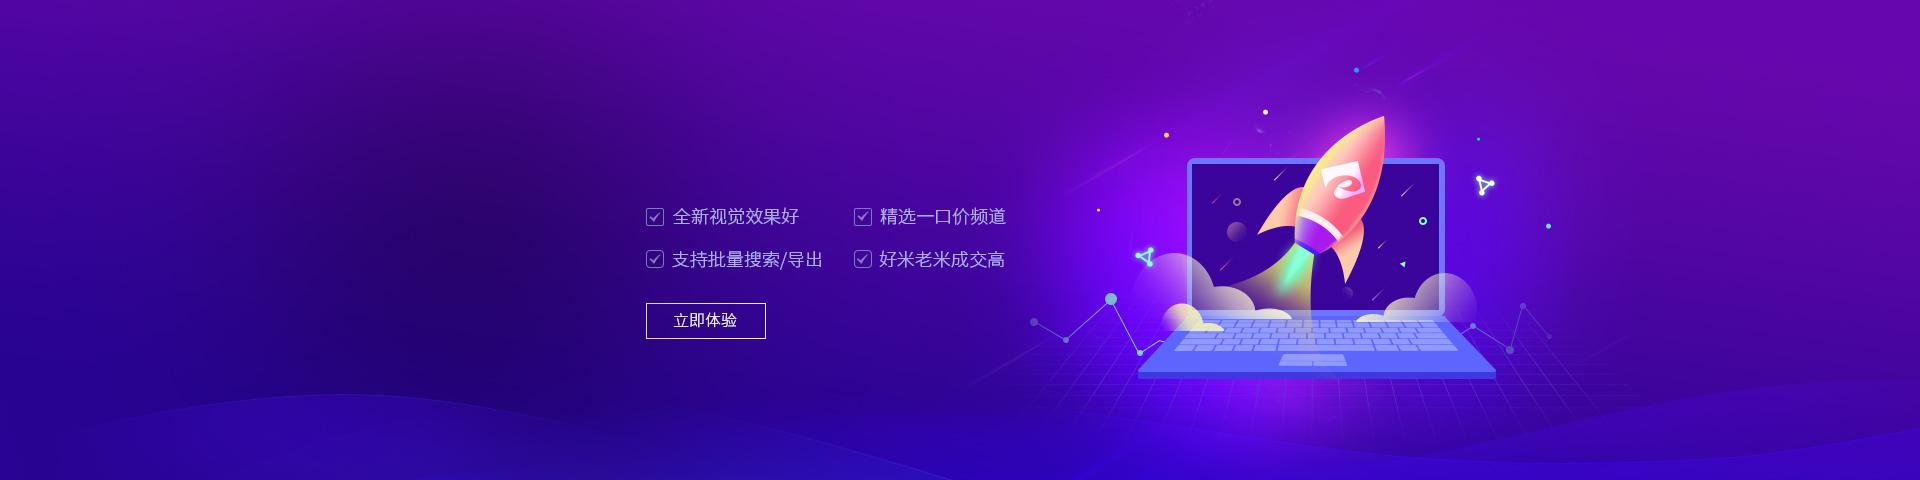 域名交易平台全新升级